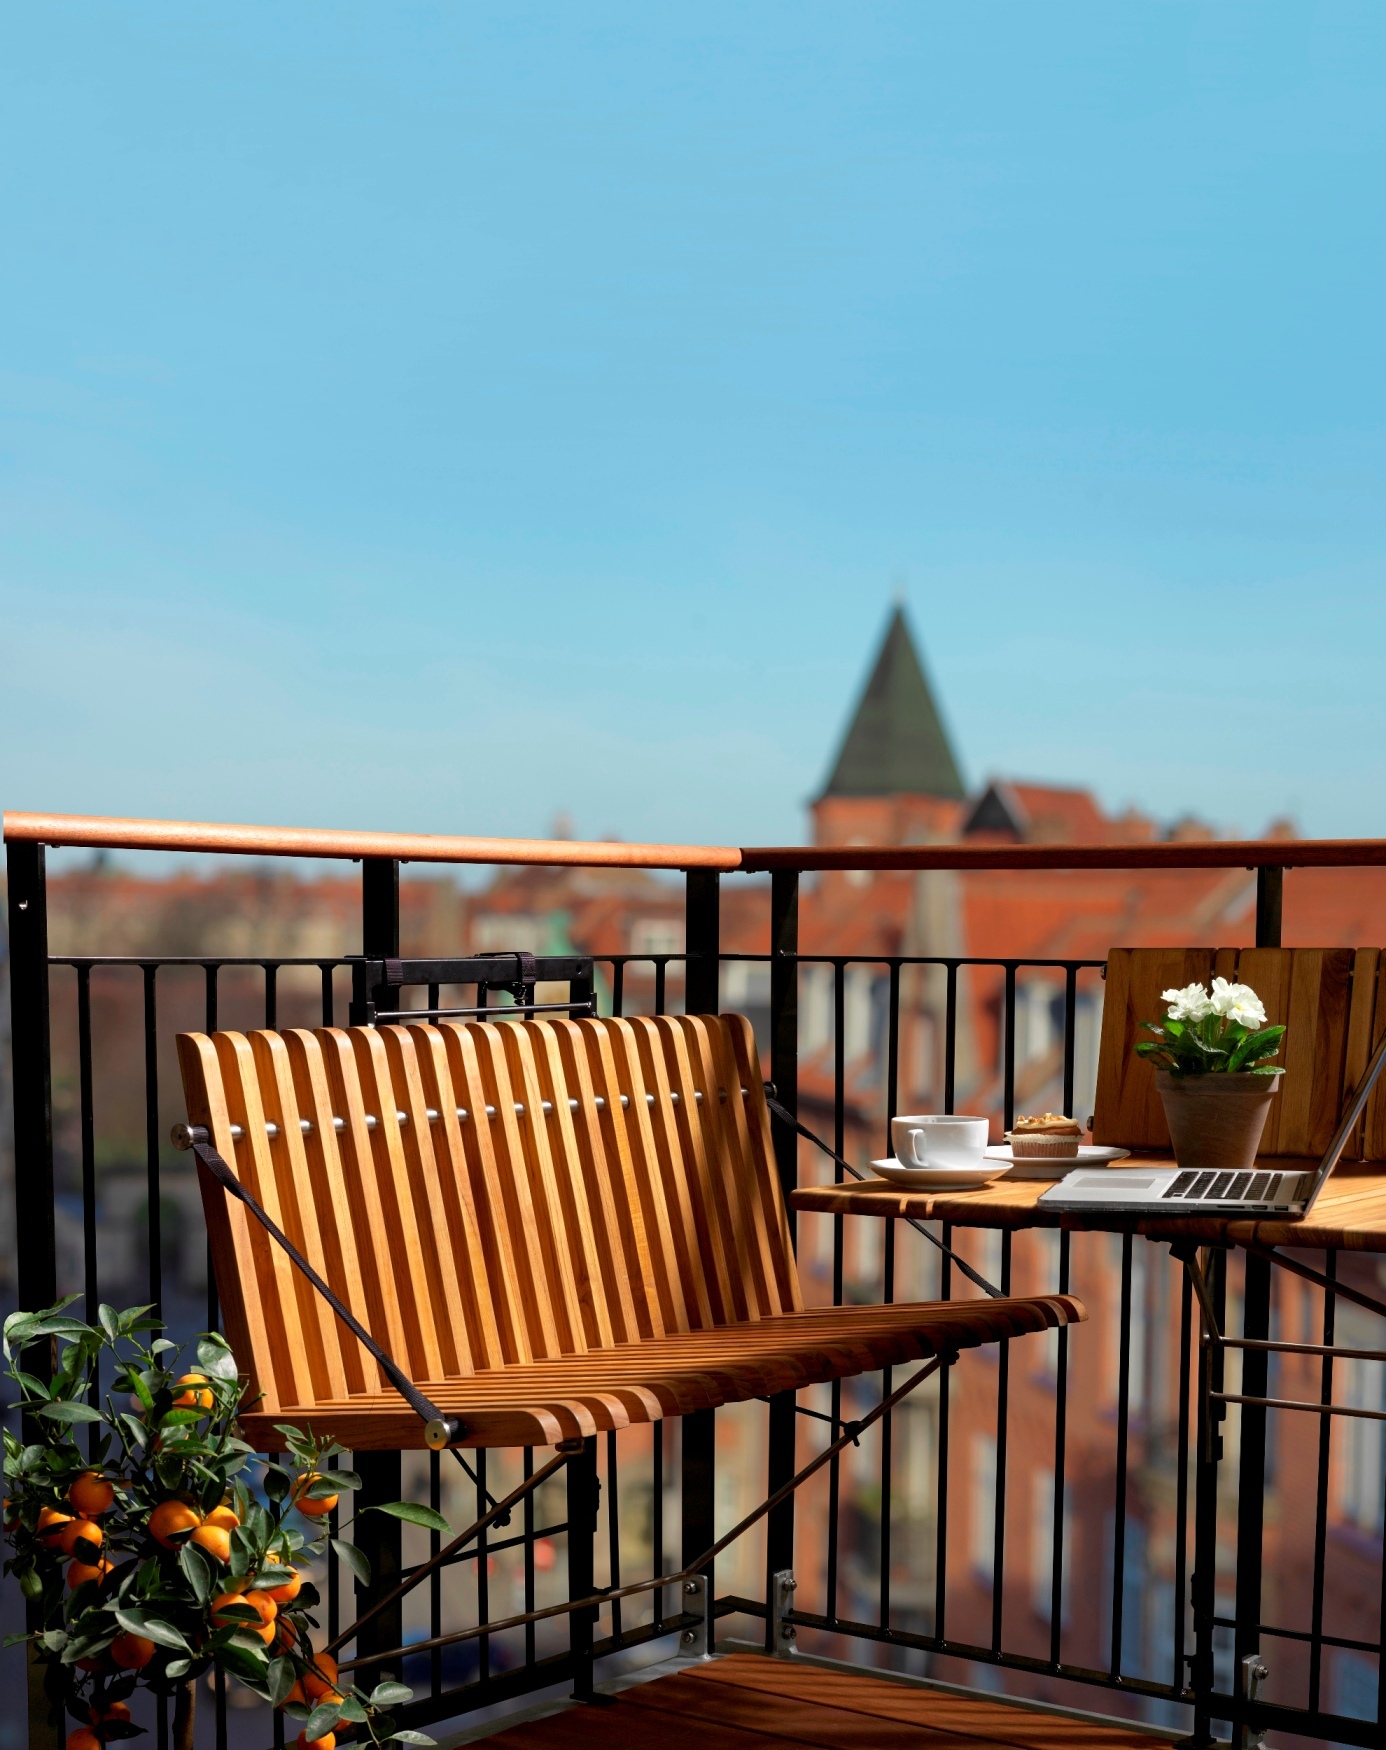 Coop og Altan.dk udvikler specialdesignede altanmøbler - Wood Supply DK